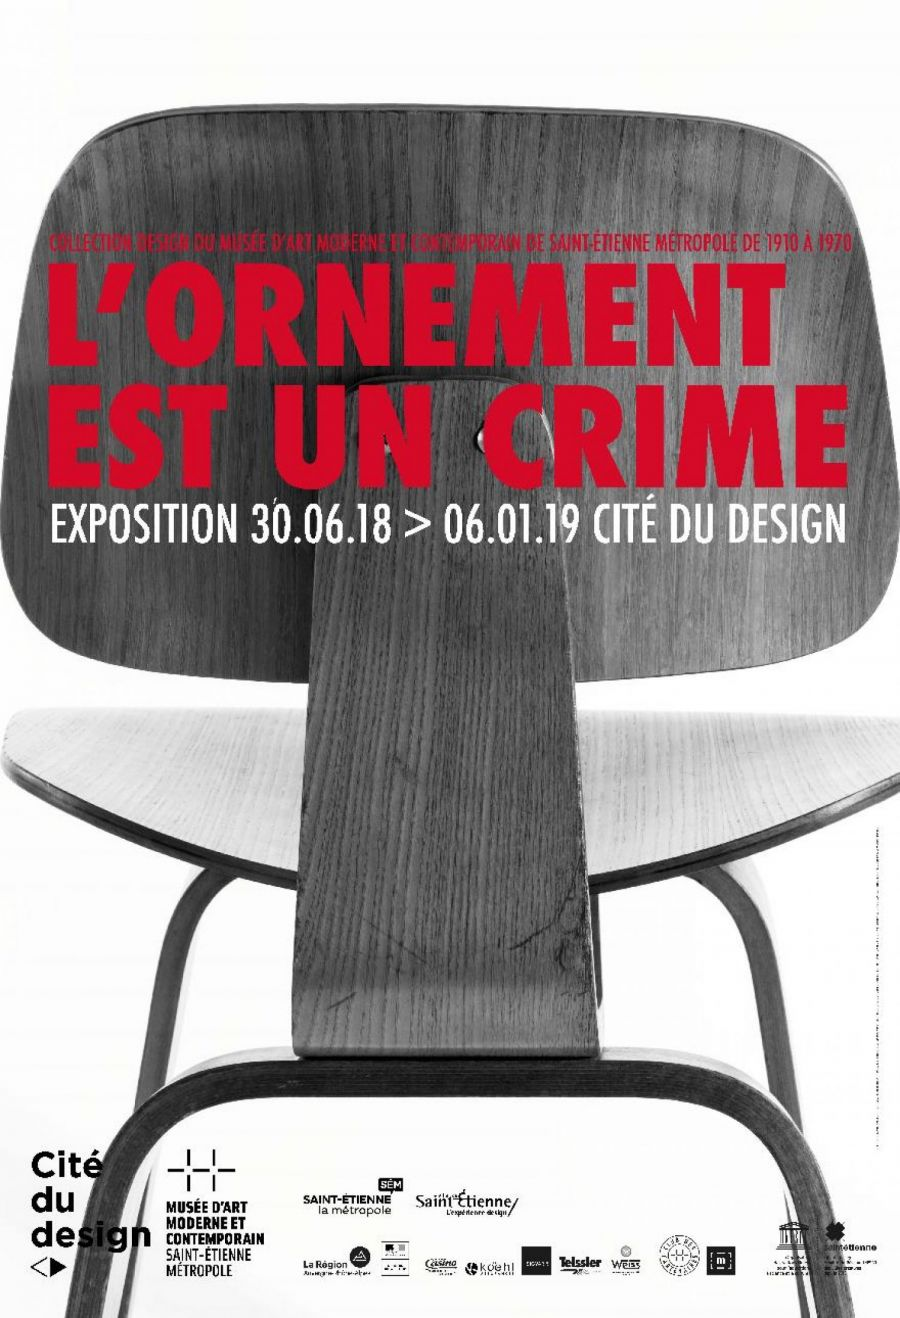 """Affiche de l'exposition """"L' ornement est un crime"""" à la Cité du Design de Saint-Etienne"""